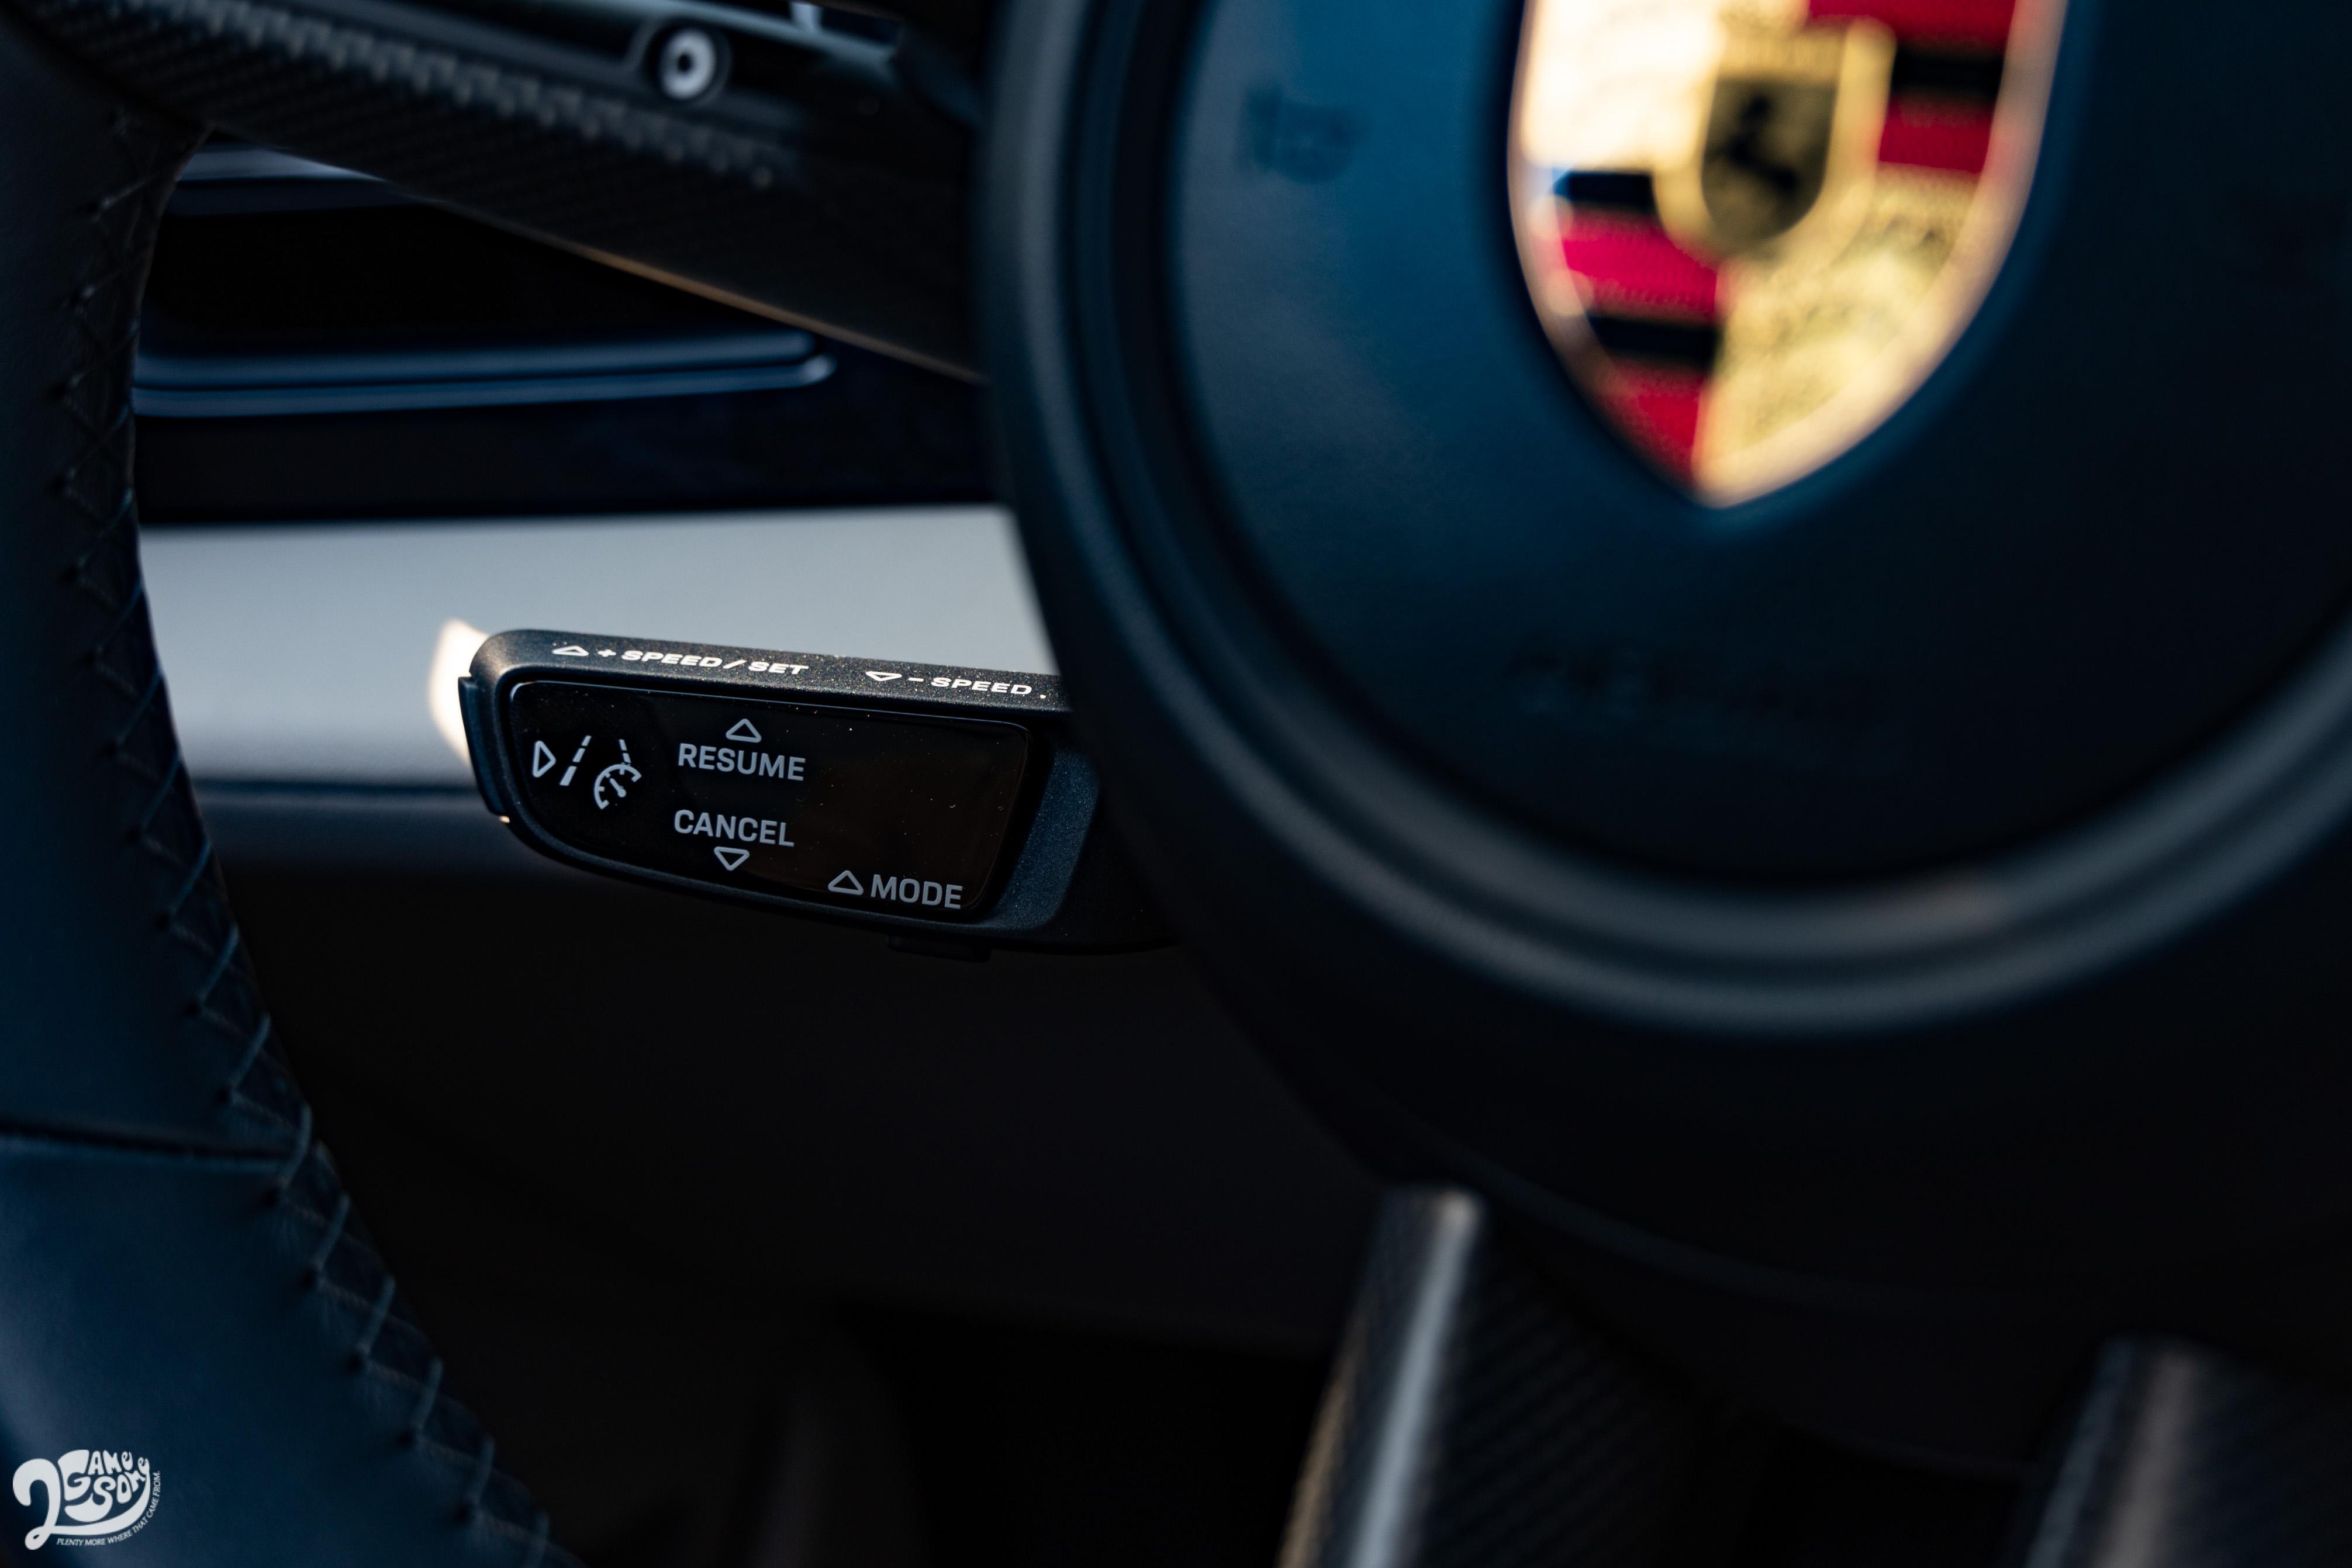 試駕車選配變換車道輔助系統及停車測距輔助系統。